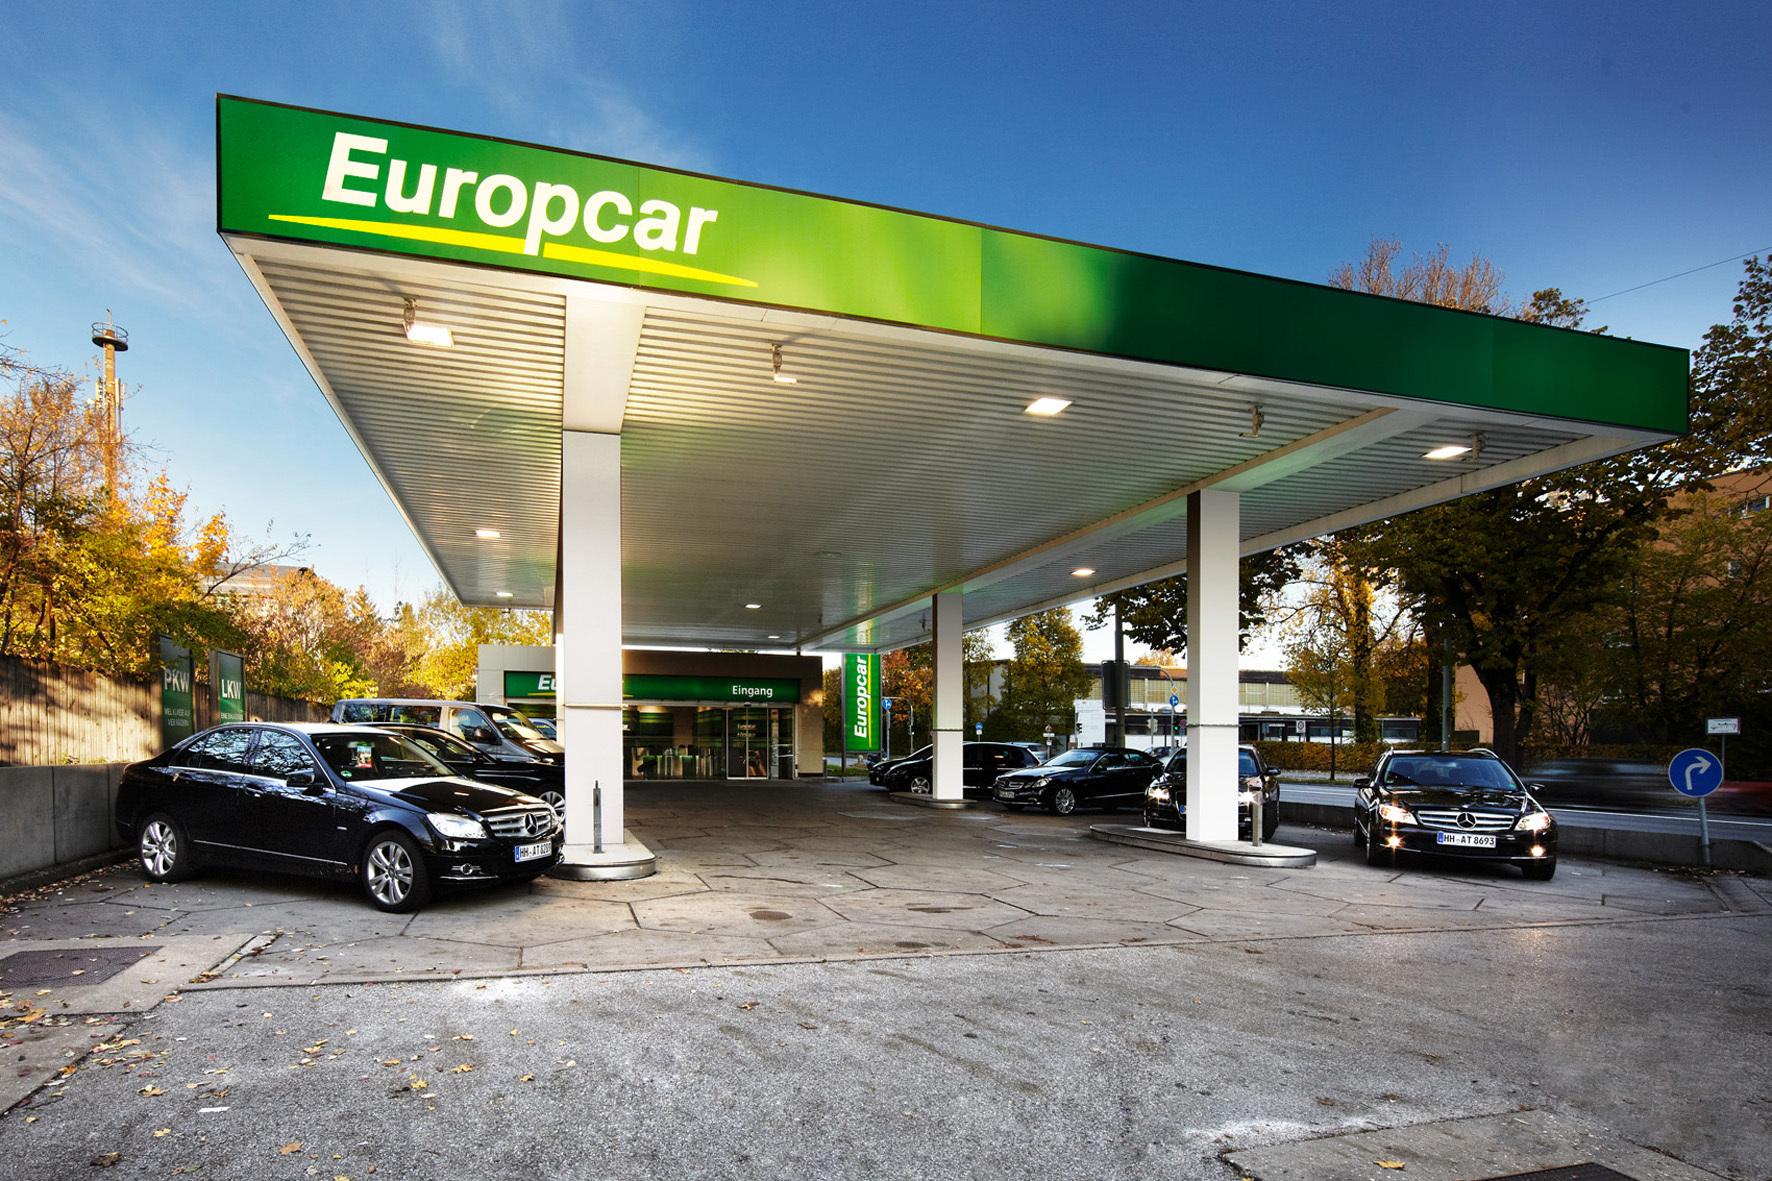 mid Groß-Gerau - Drive&Share: Fahren und Teilen. Weil Autos durchschnittlich während 95 Prozent ihrer Zeit ungenutzt parken, bietet Europcar zunächst in Frankreich Mietwagen als Carsharing-Modell an.